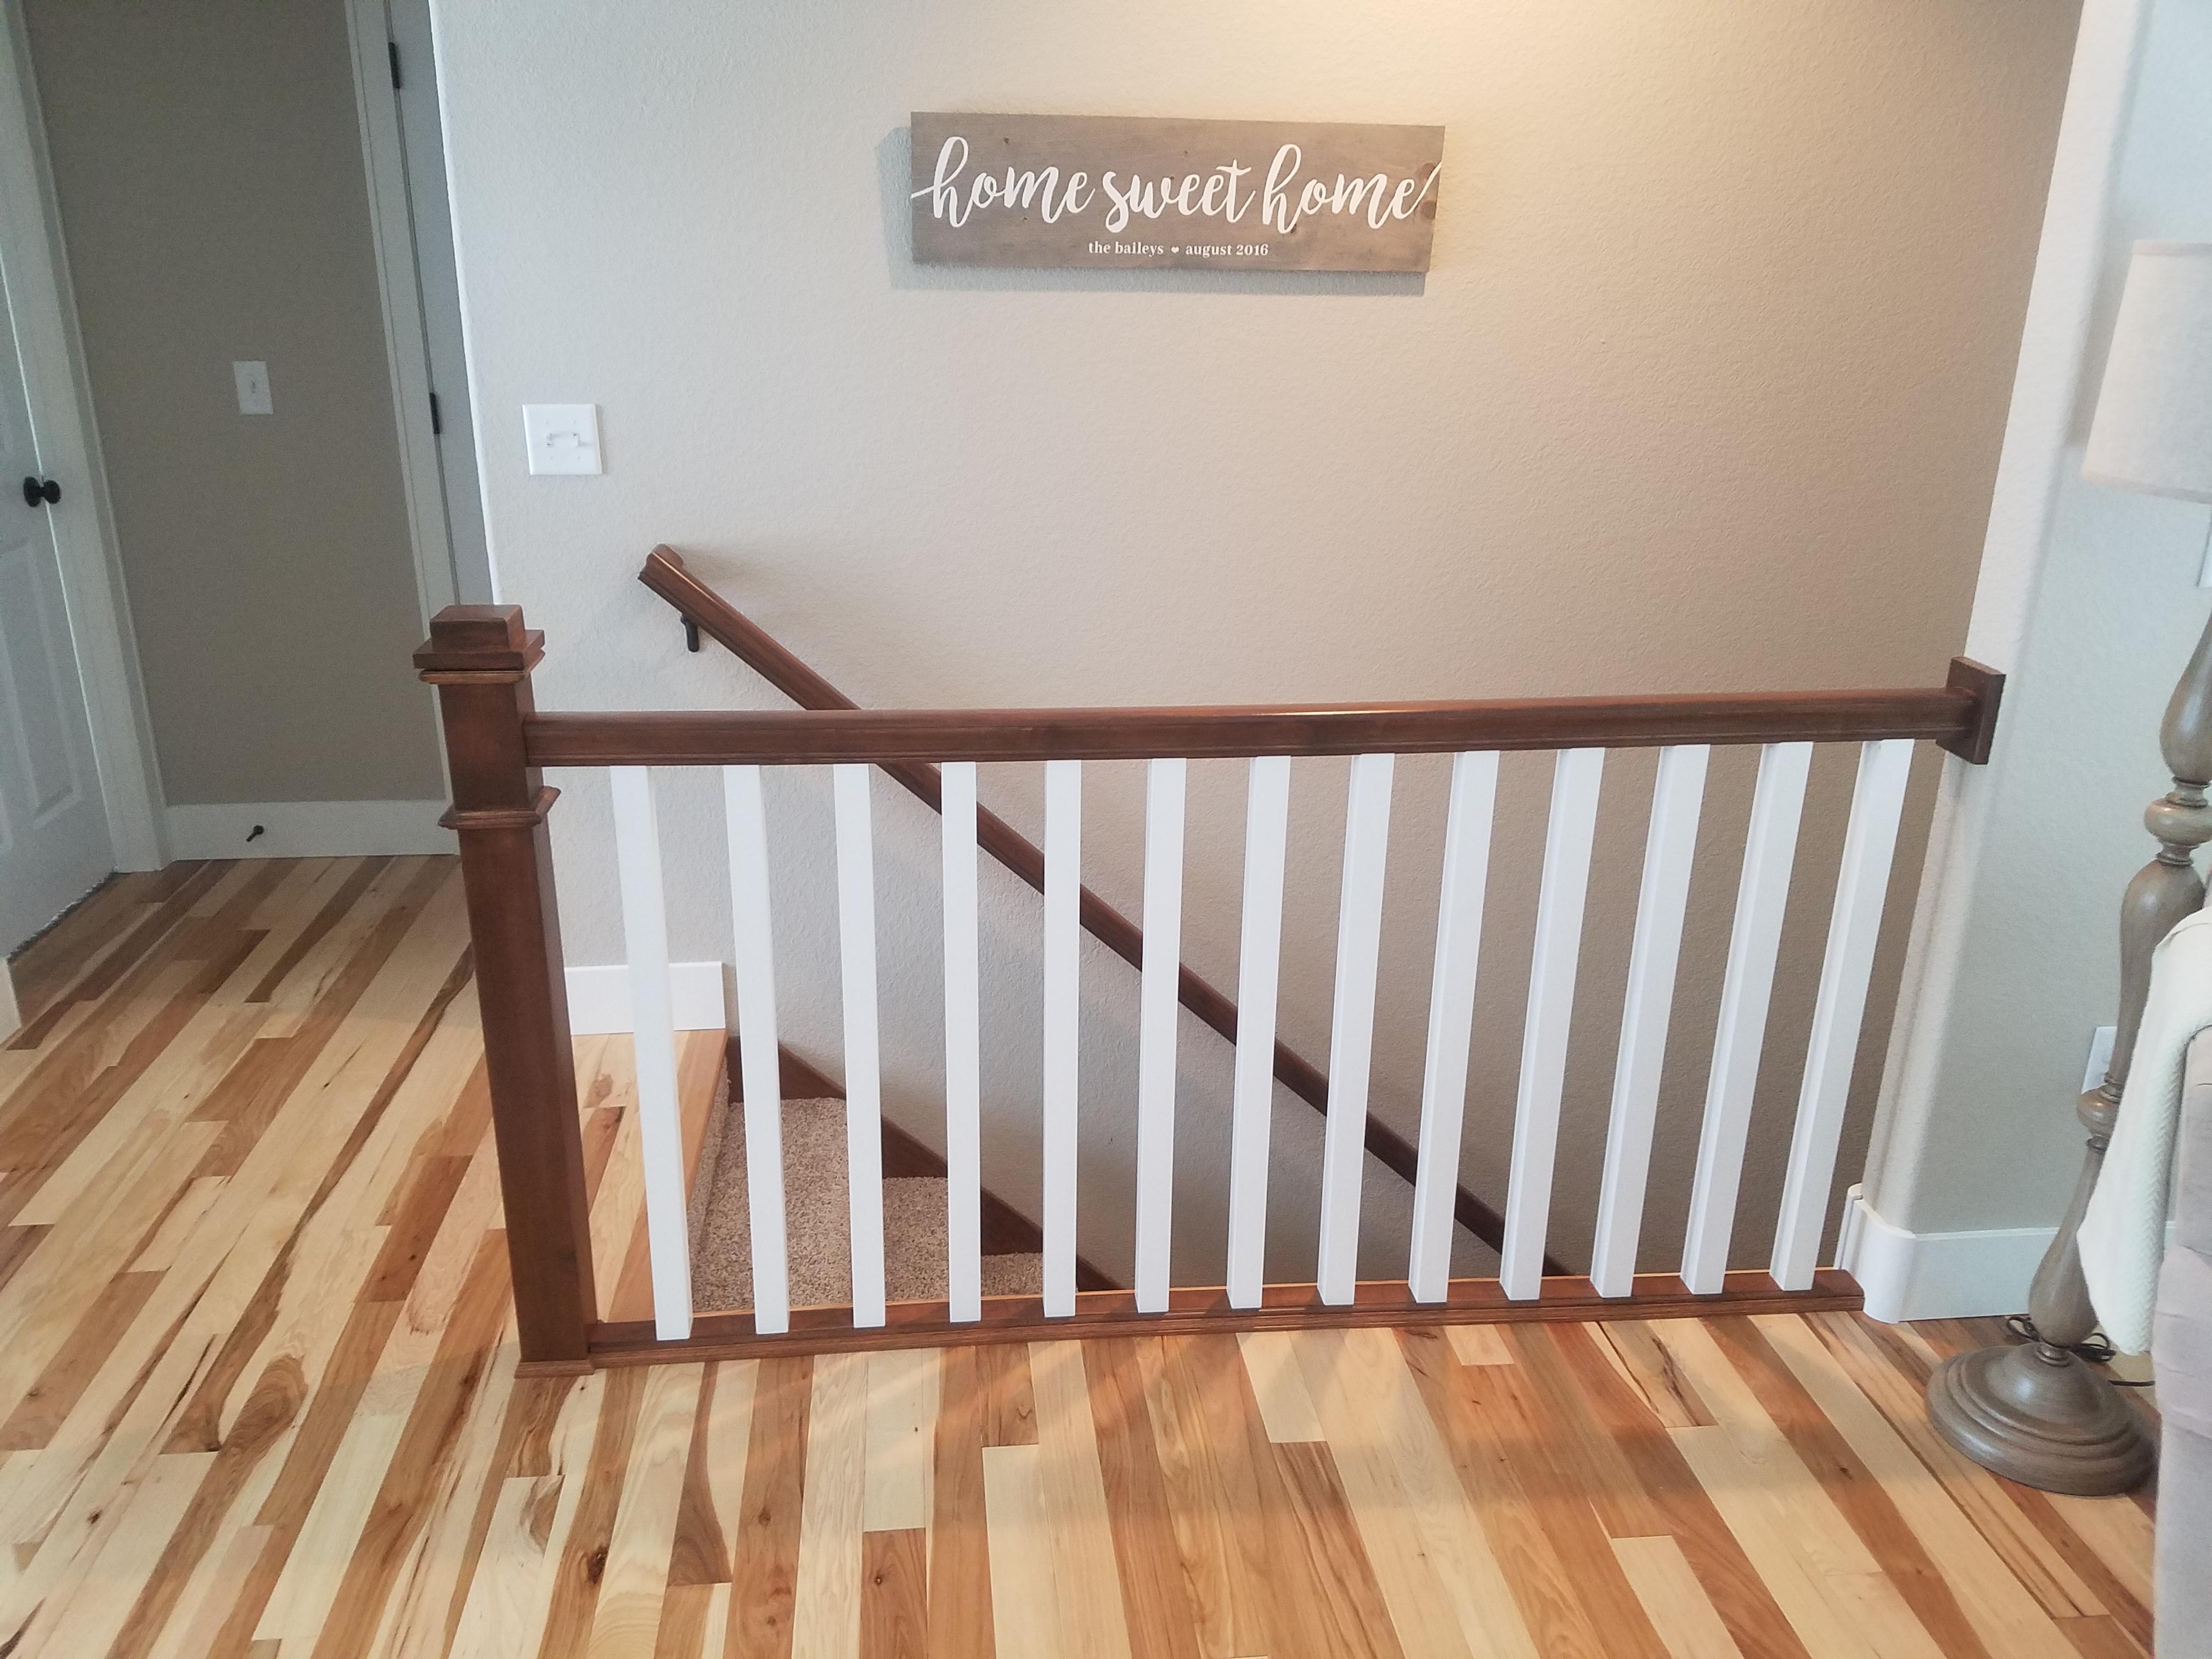 Custom banister & handrail